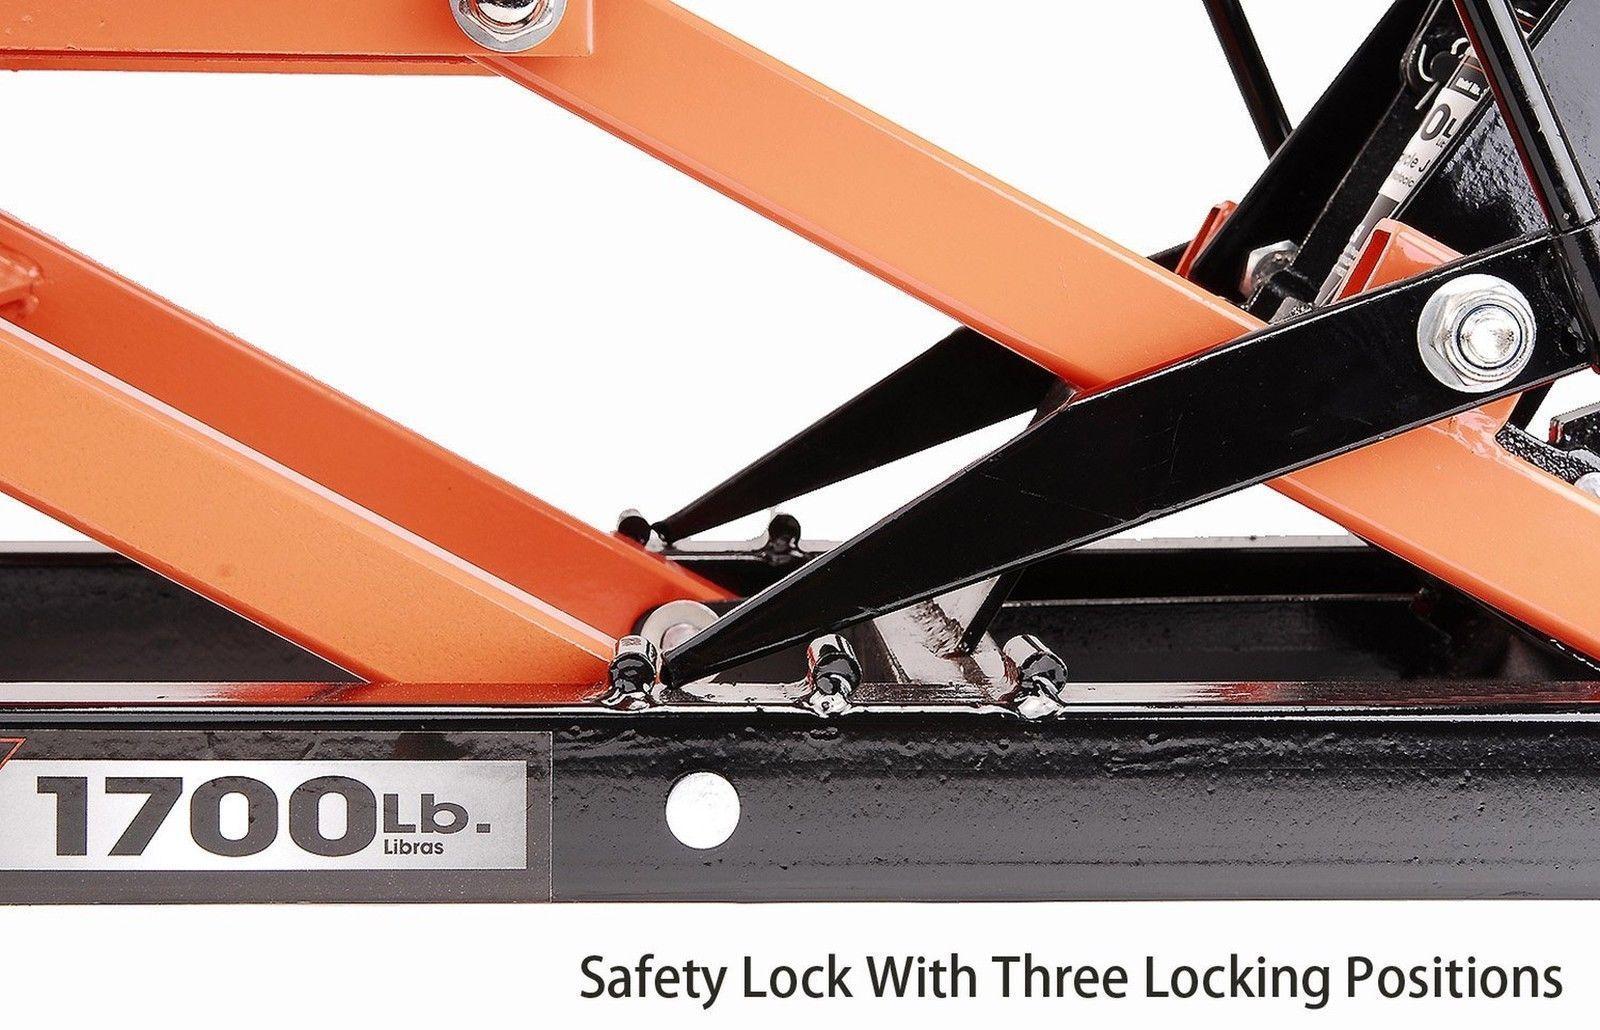 1700 LB Hydraulic Motorcycle/ATV Jack Heavy Duty Mechanic Tools Power Zone